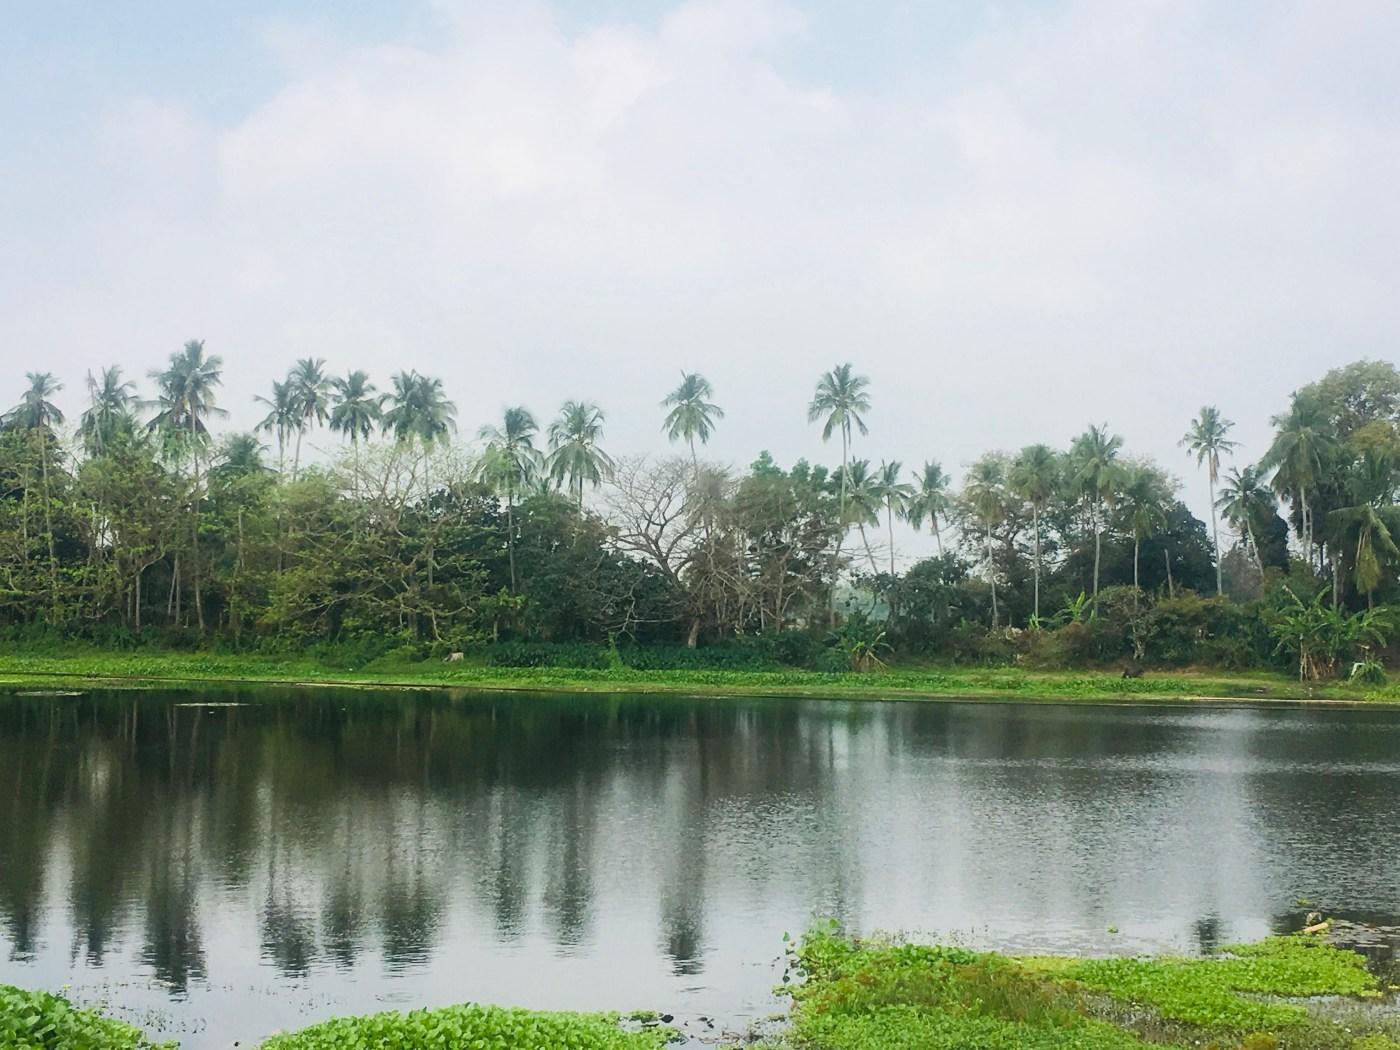 Countryside of Odisha, India